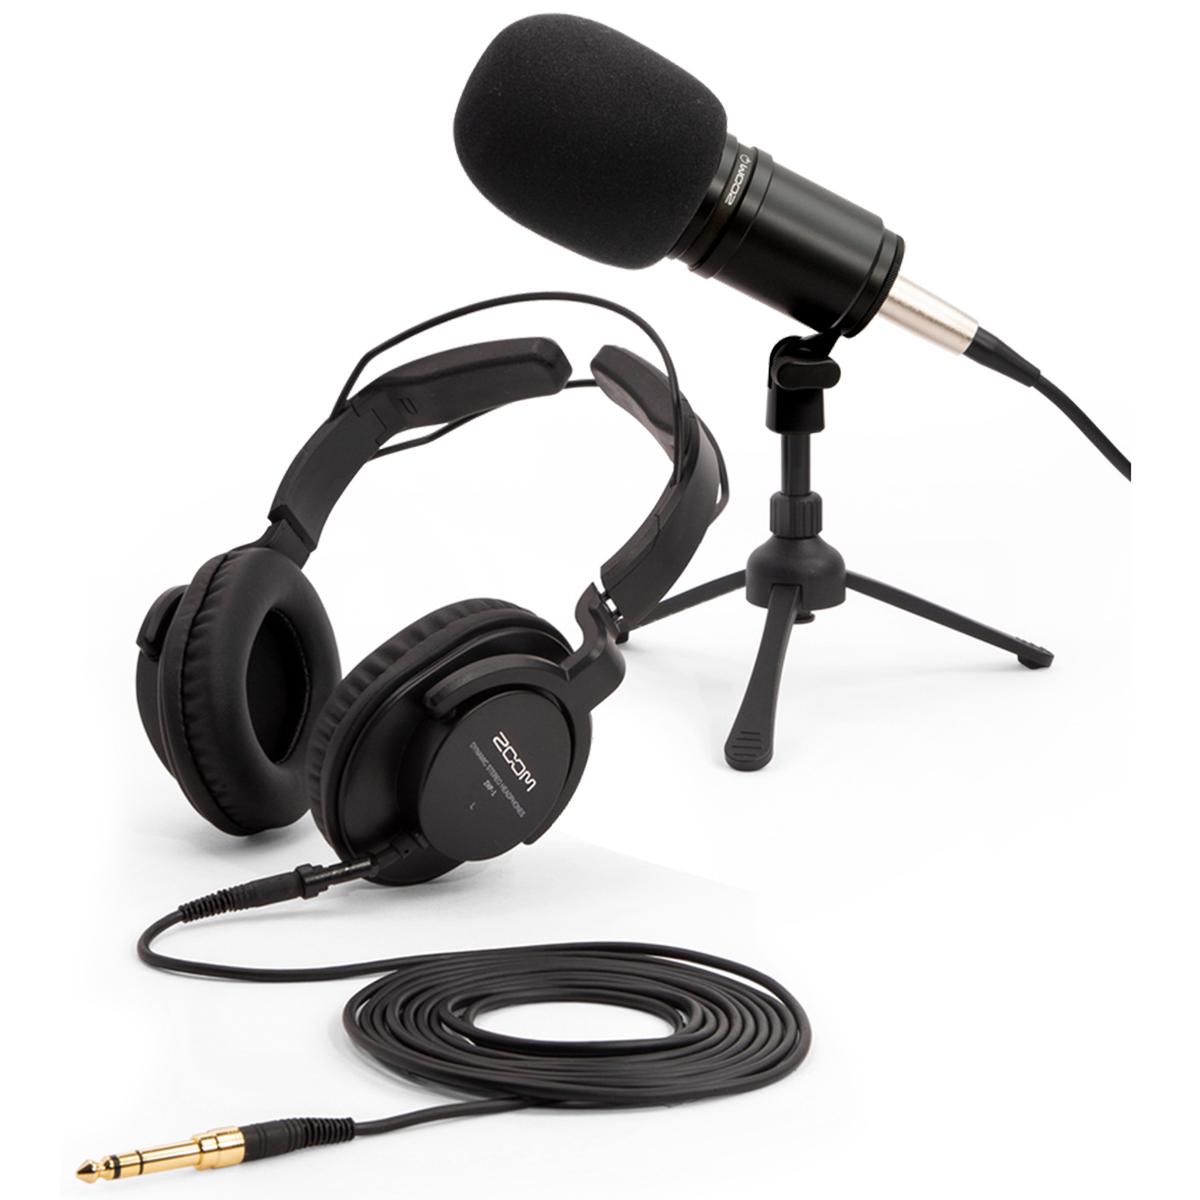 ポッドキャスト用マイクパック[ズーム][Microphone,マイクロフォン][Headphone,ヘッドフォン] 新品 ZDM-1PMP MIC ZOOM PACK - PODCAST